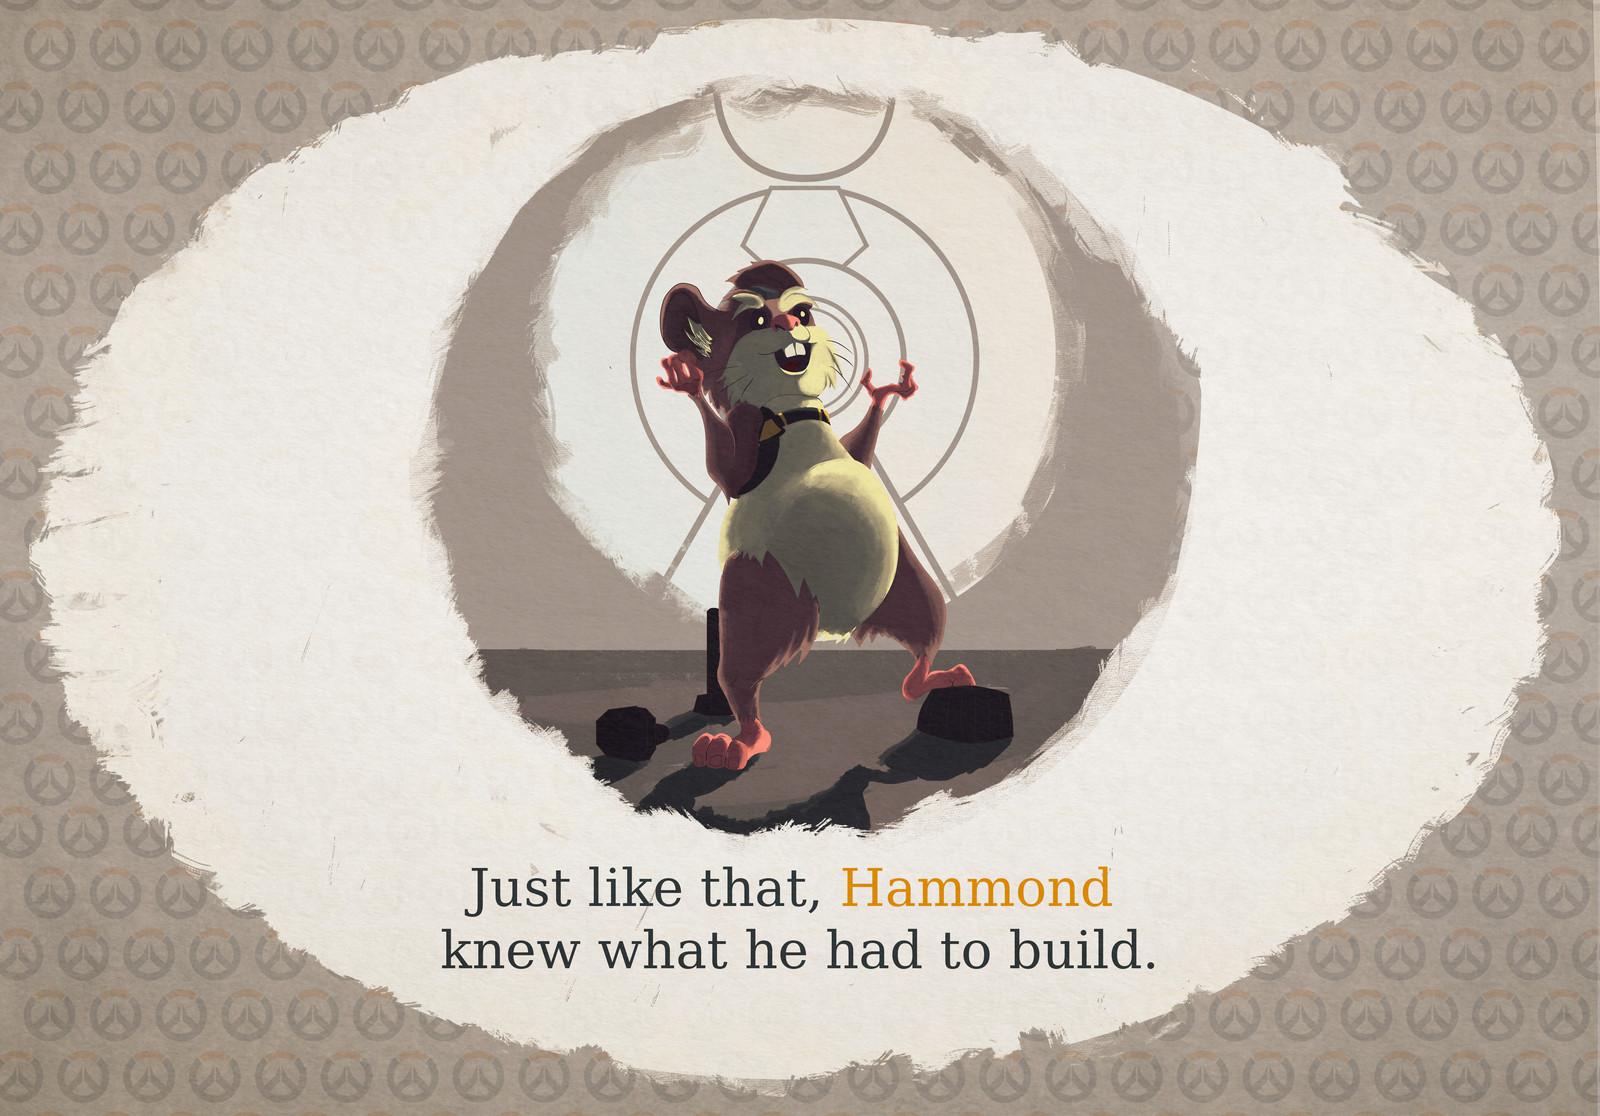 The Heroic Hammond